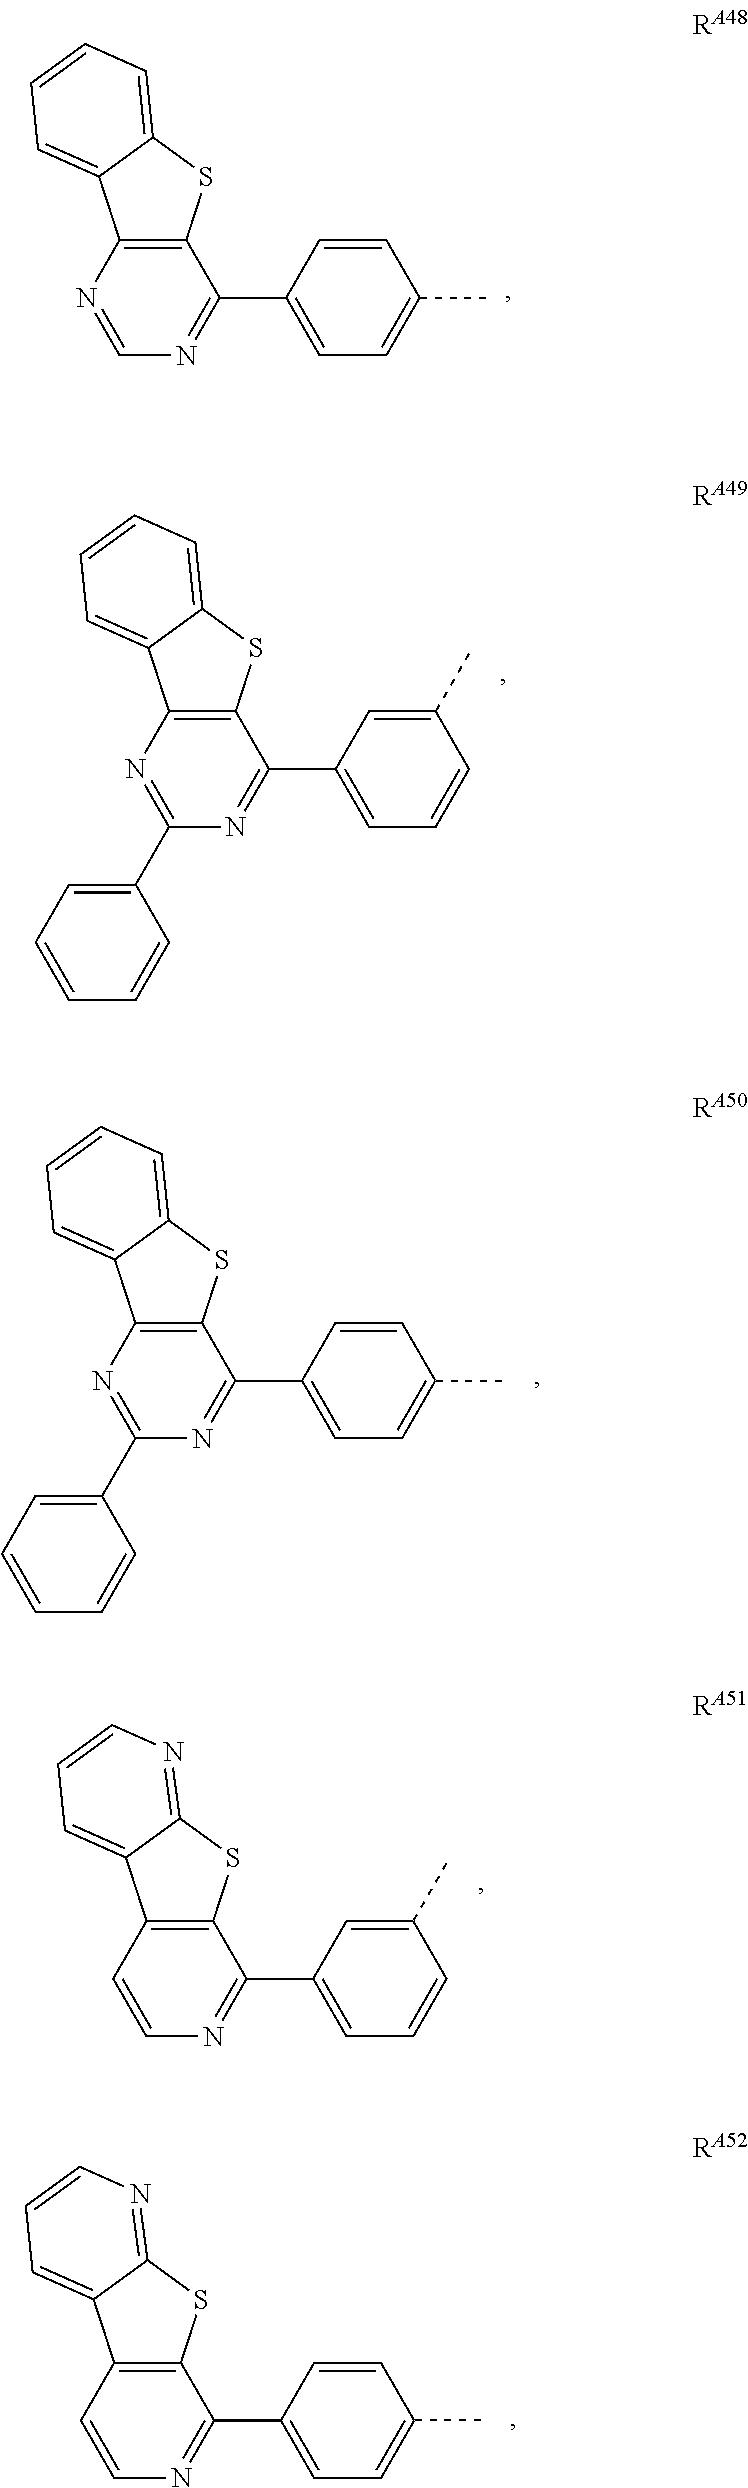 Figure US09761814-20170912-C00272